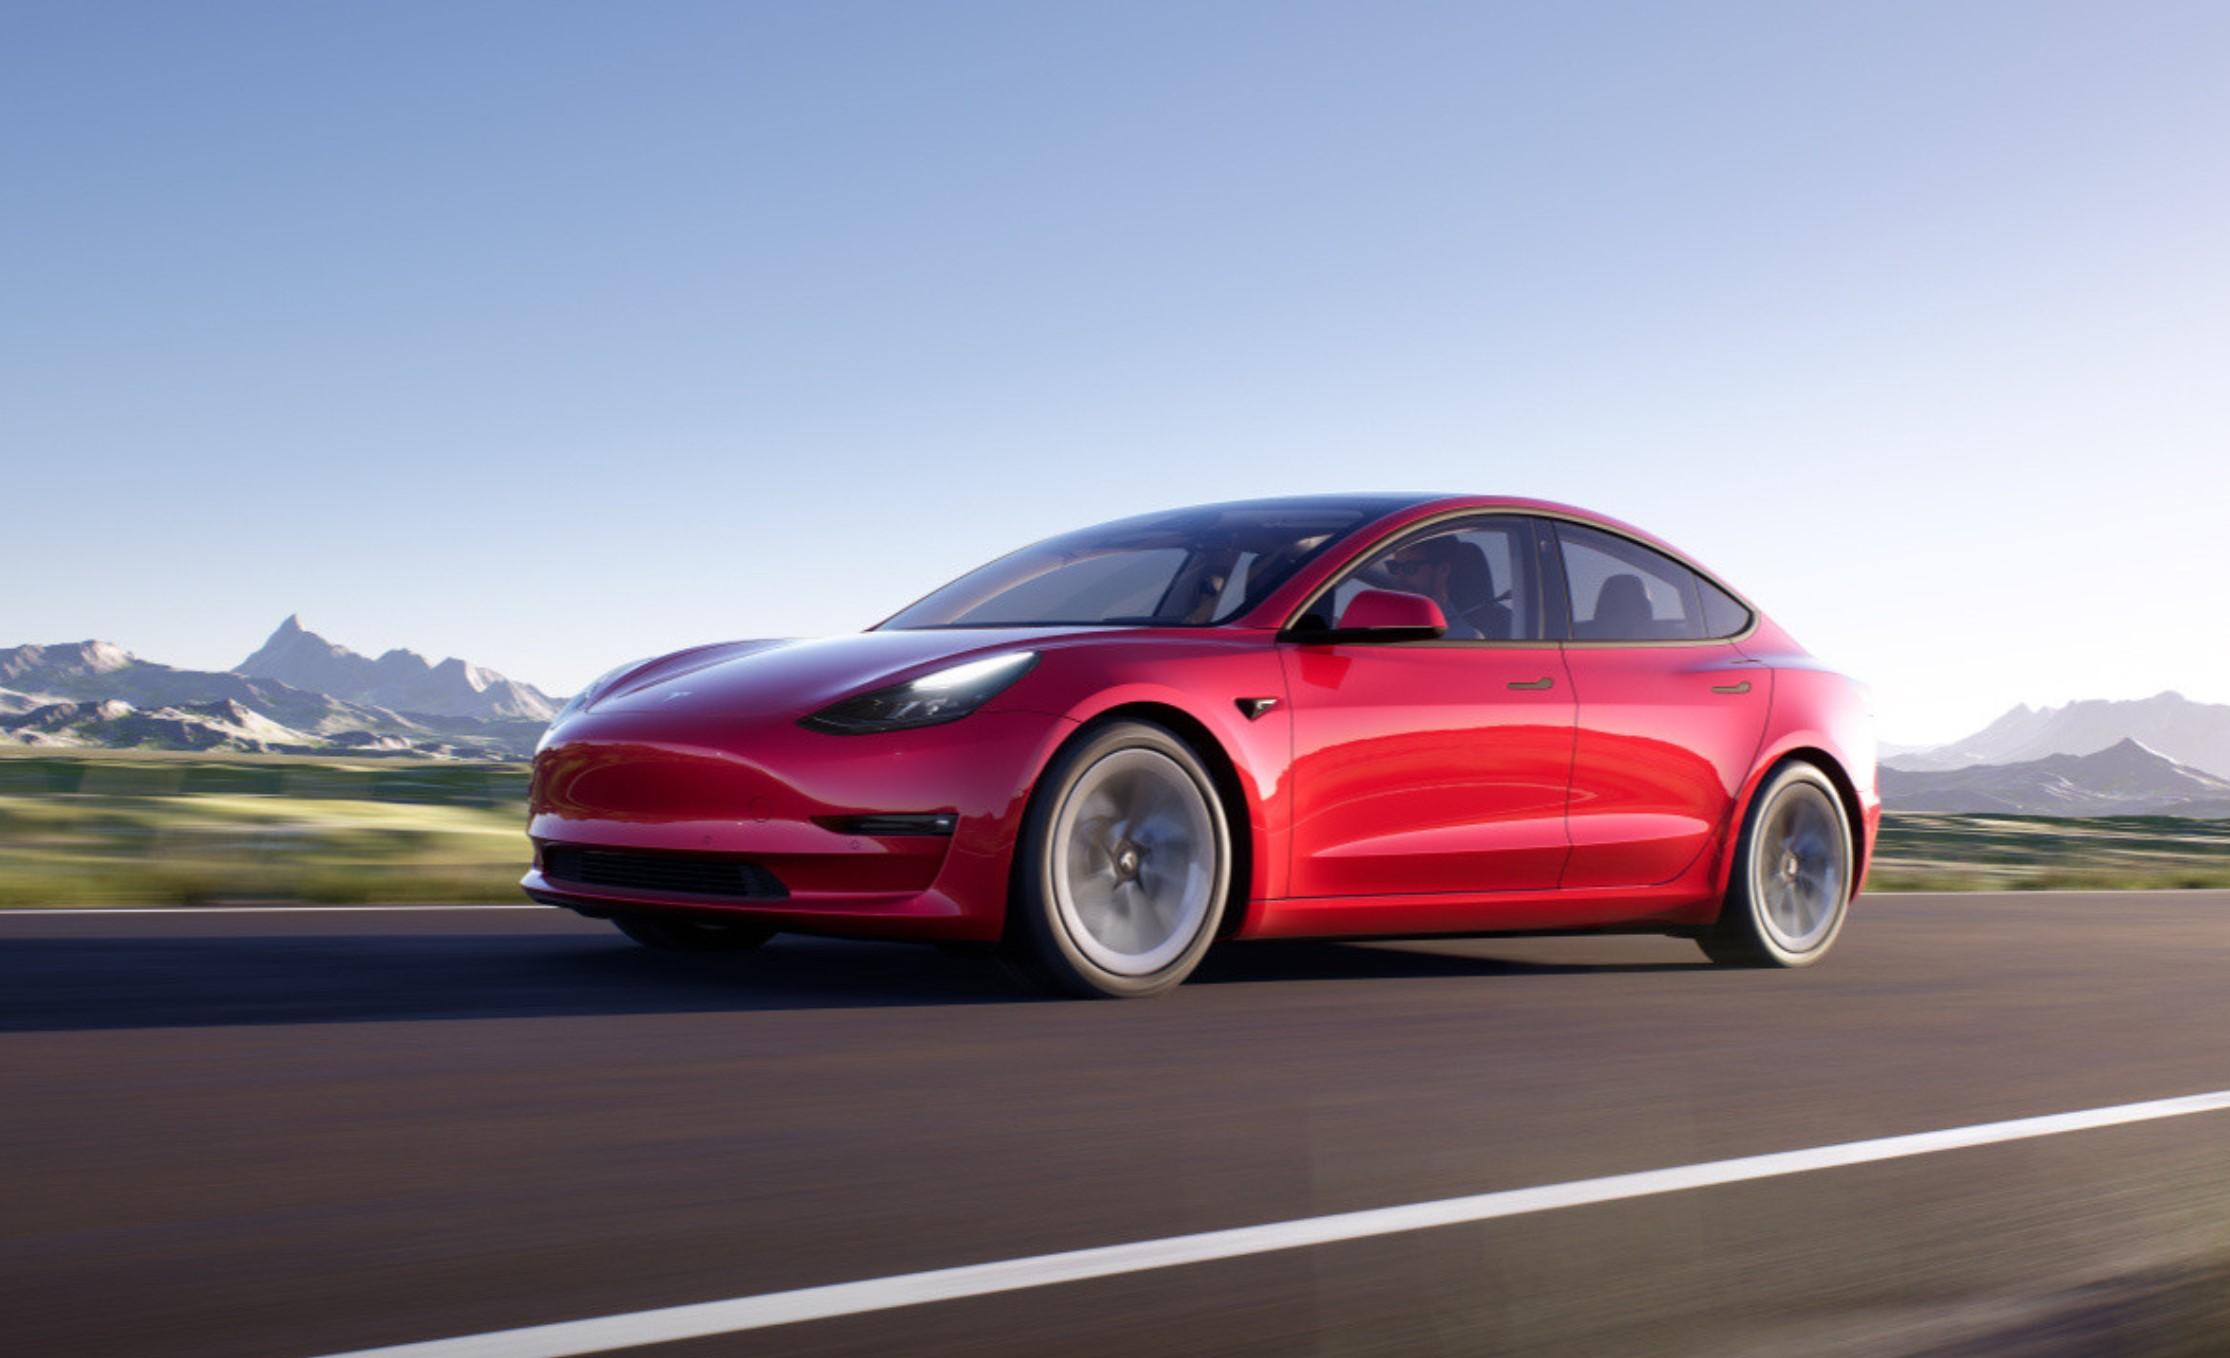 Tesla model 3 render on the road